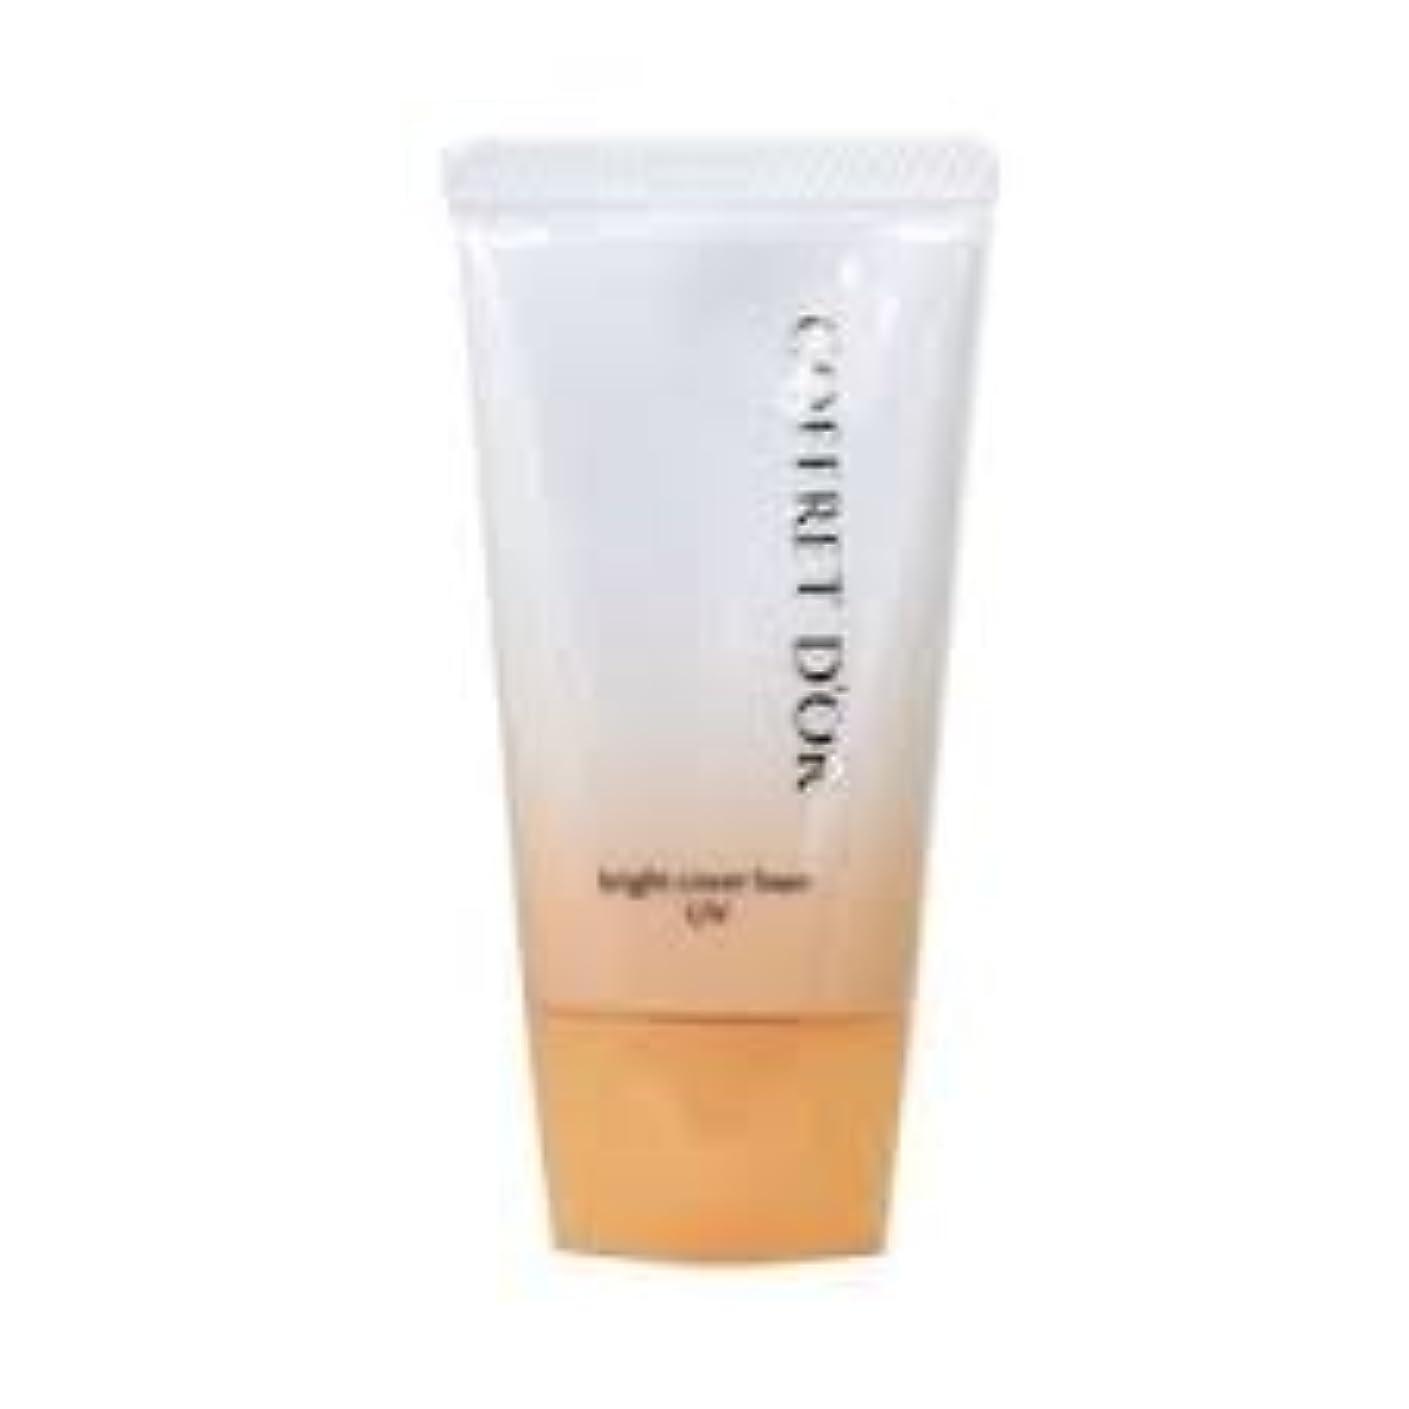 溶融リル促進するコフレドール ブライトカバーベース UV 25g 化粧下地